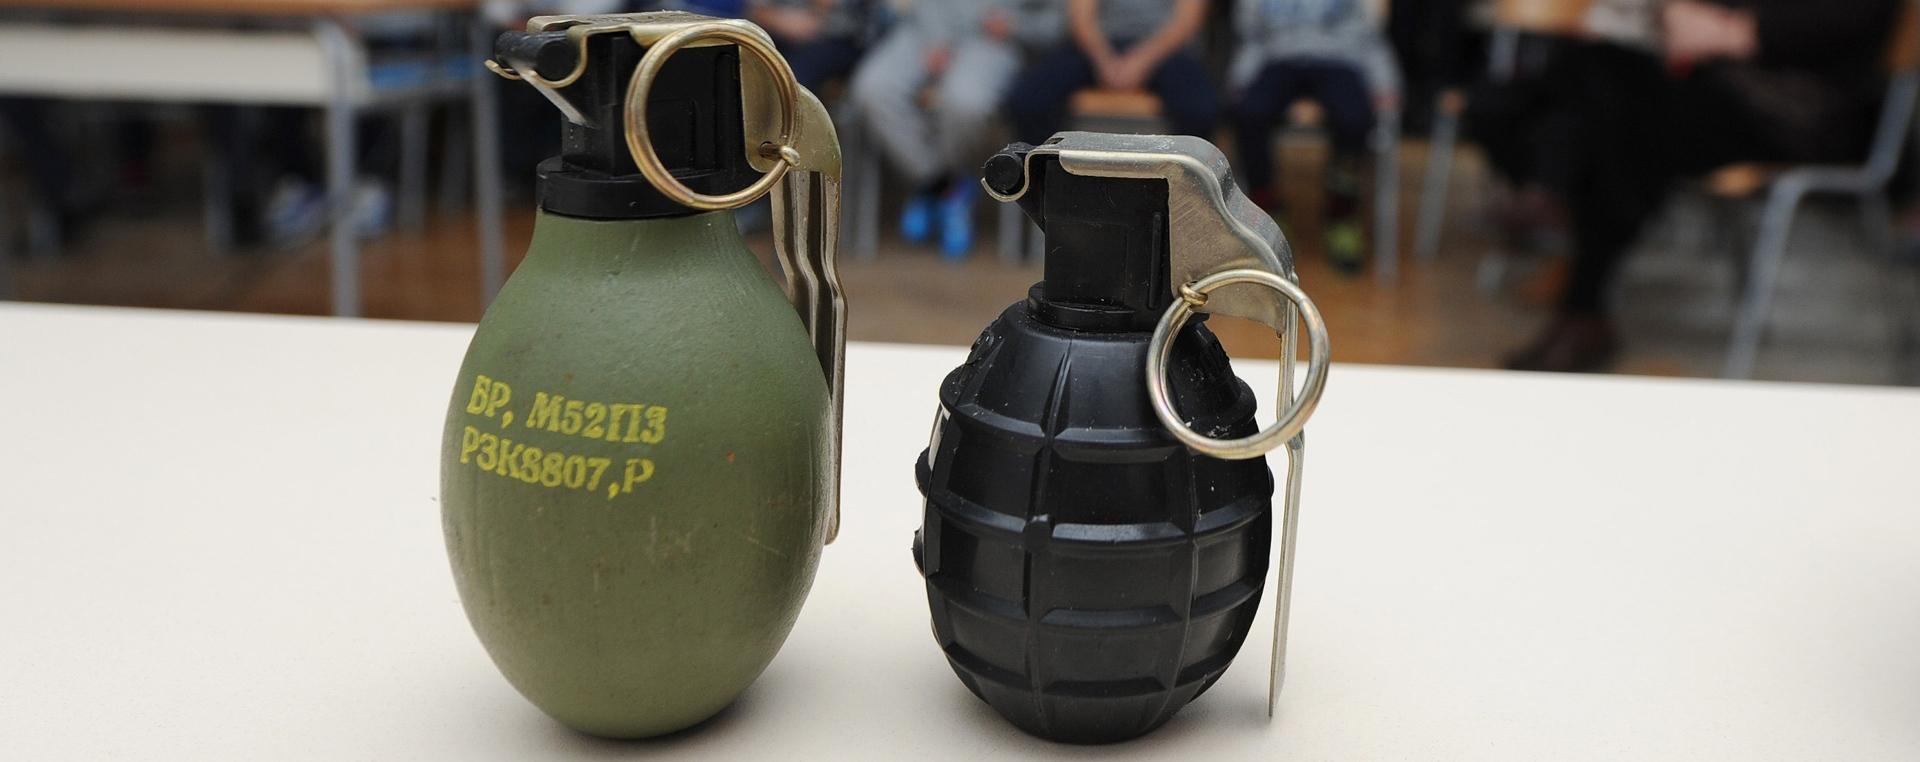 MISLILI DA JE KAMEN Njemačka obitelj kao suvenir iz Hrvatske čuvala ručnu granatu